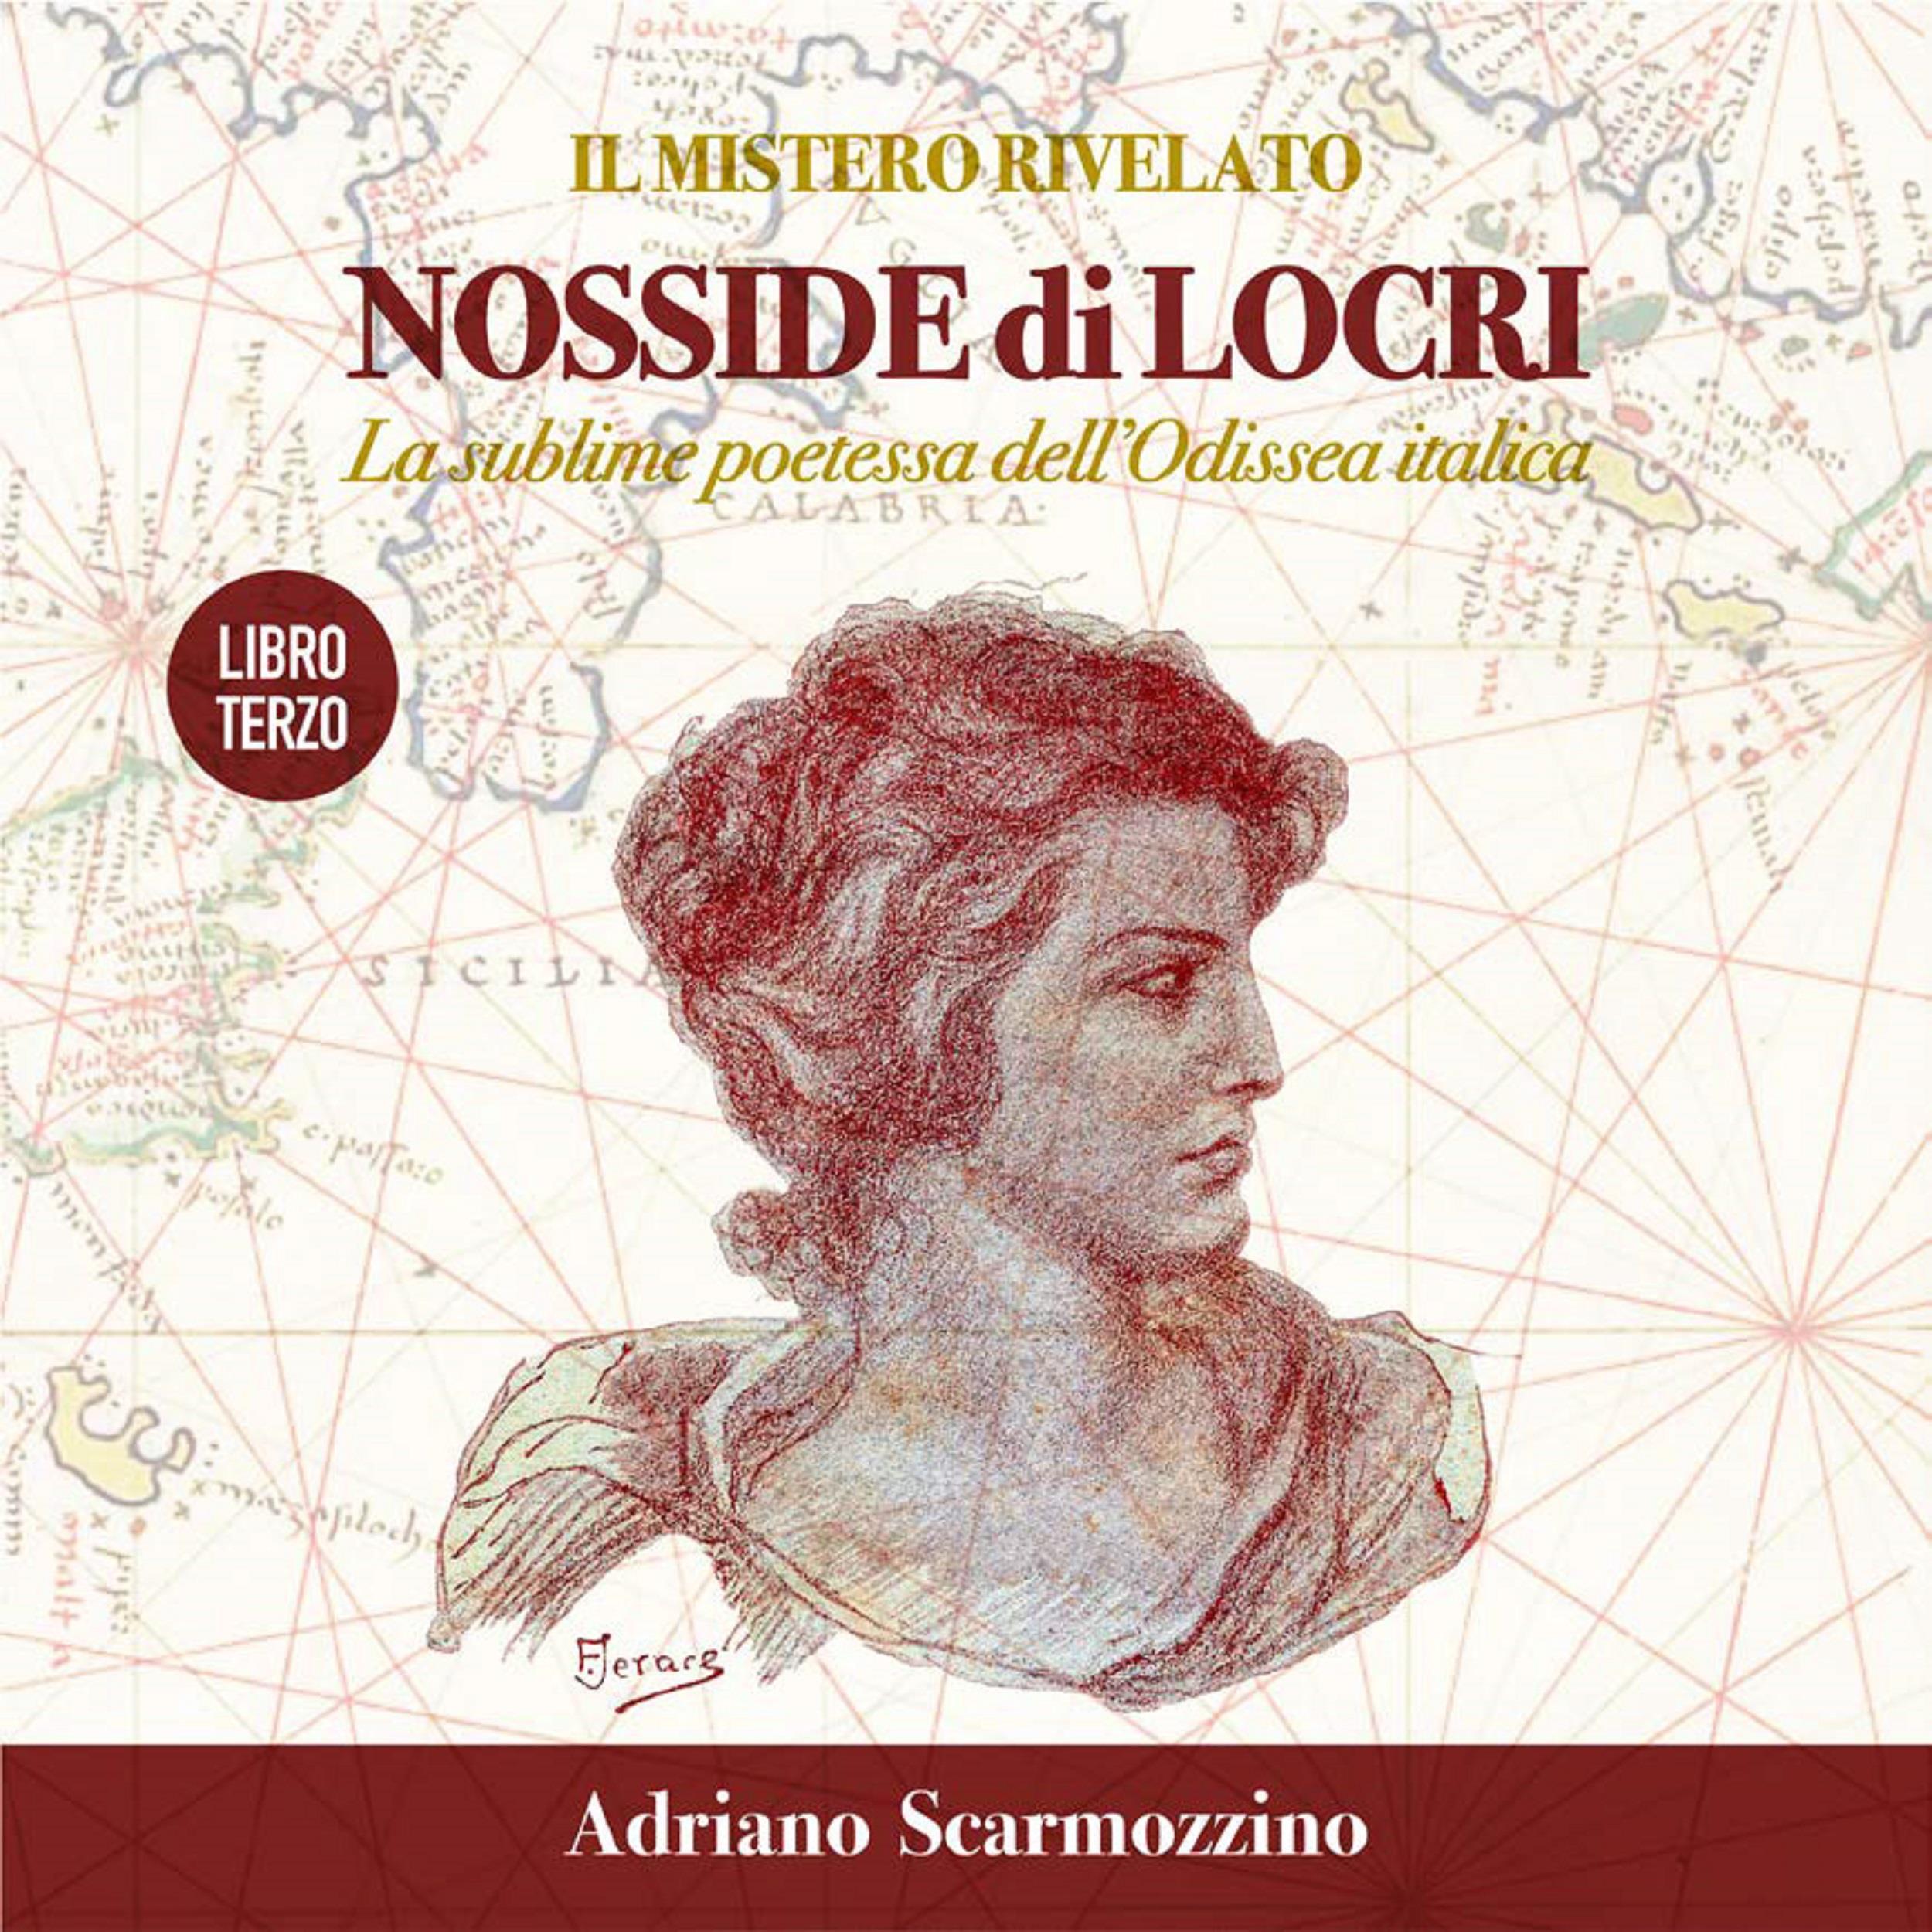 Il mistero rivelato - Nosside di Locri, la sublime poetessa dell'Odissea Italica - Libro Terzo Nosside, la poetessa dai mille volti